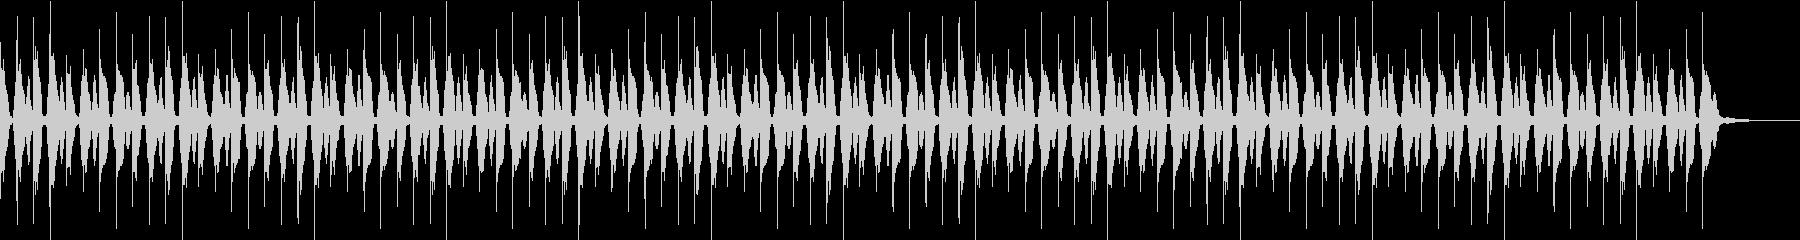 もやもやしたBGM(1分版)の未再生の波形